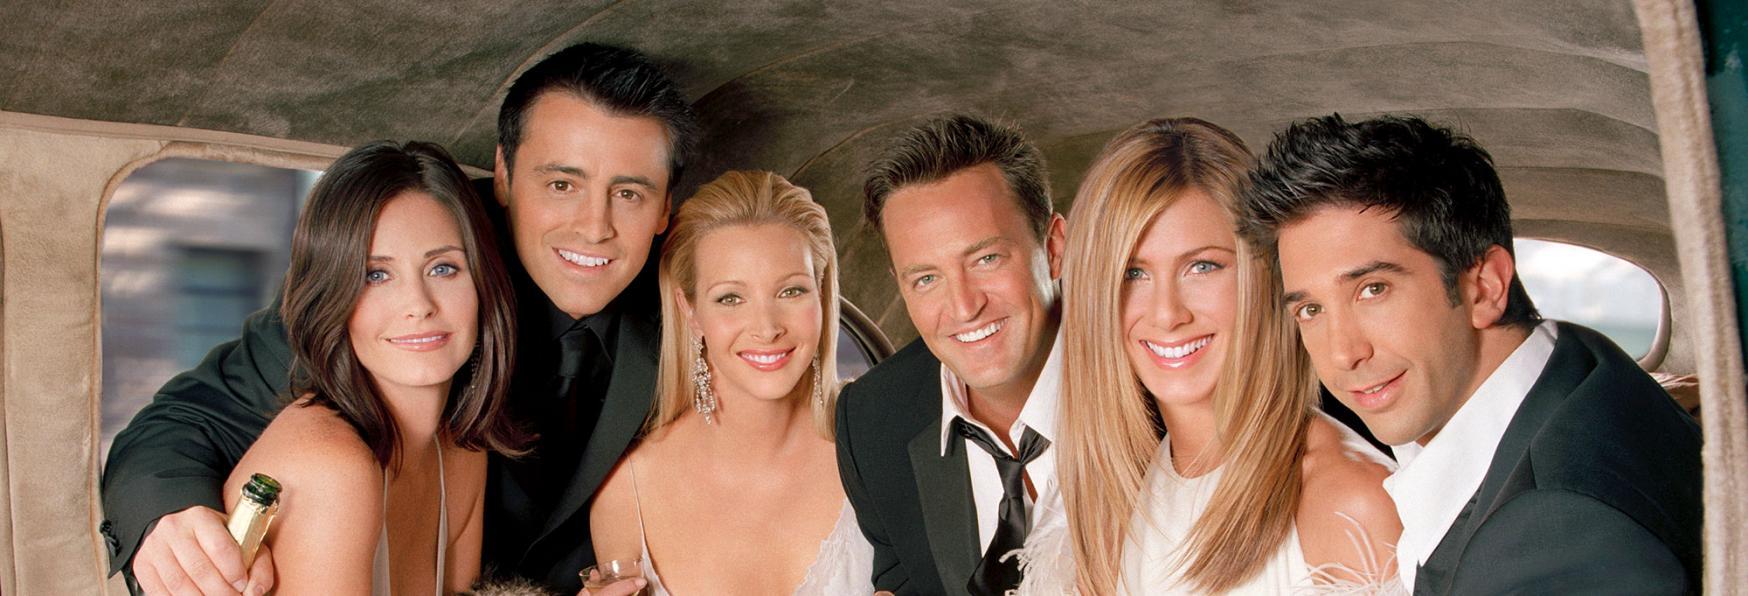 Friends: Rilasciato il Trailer Ufficiale della Reunion targata HBO Max